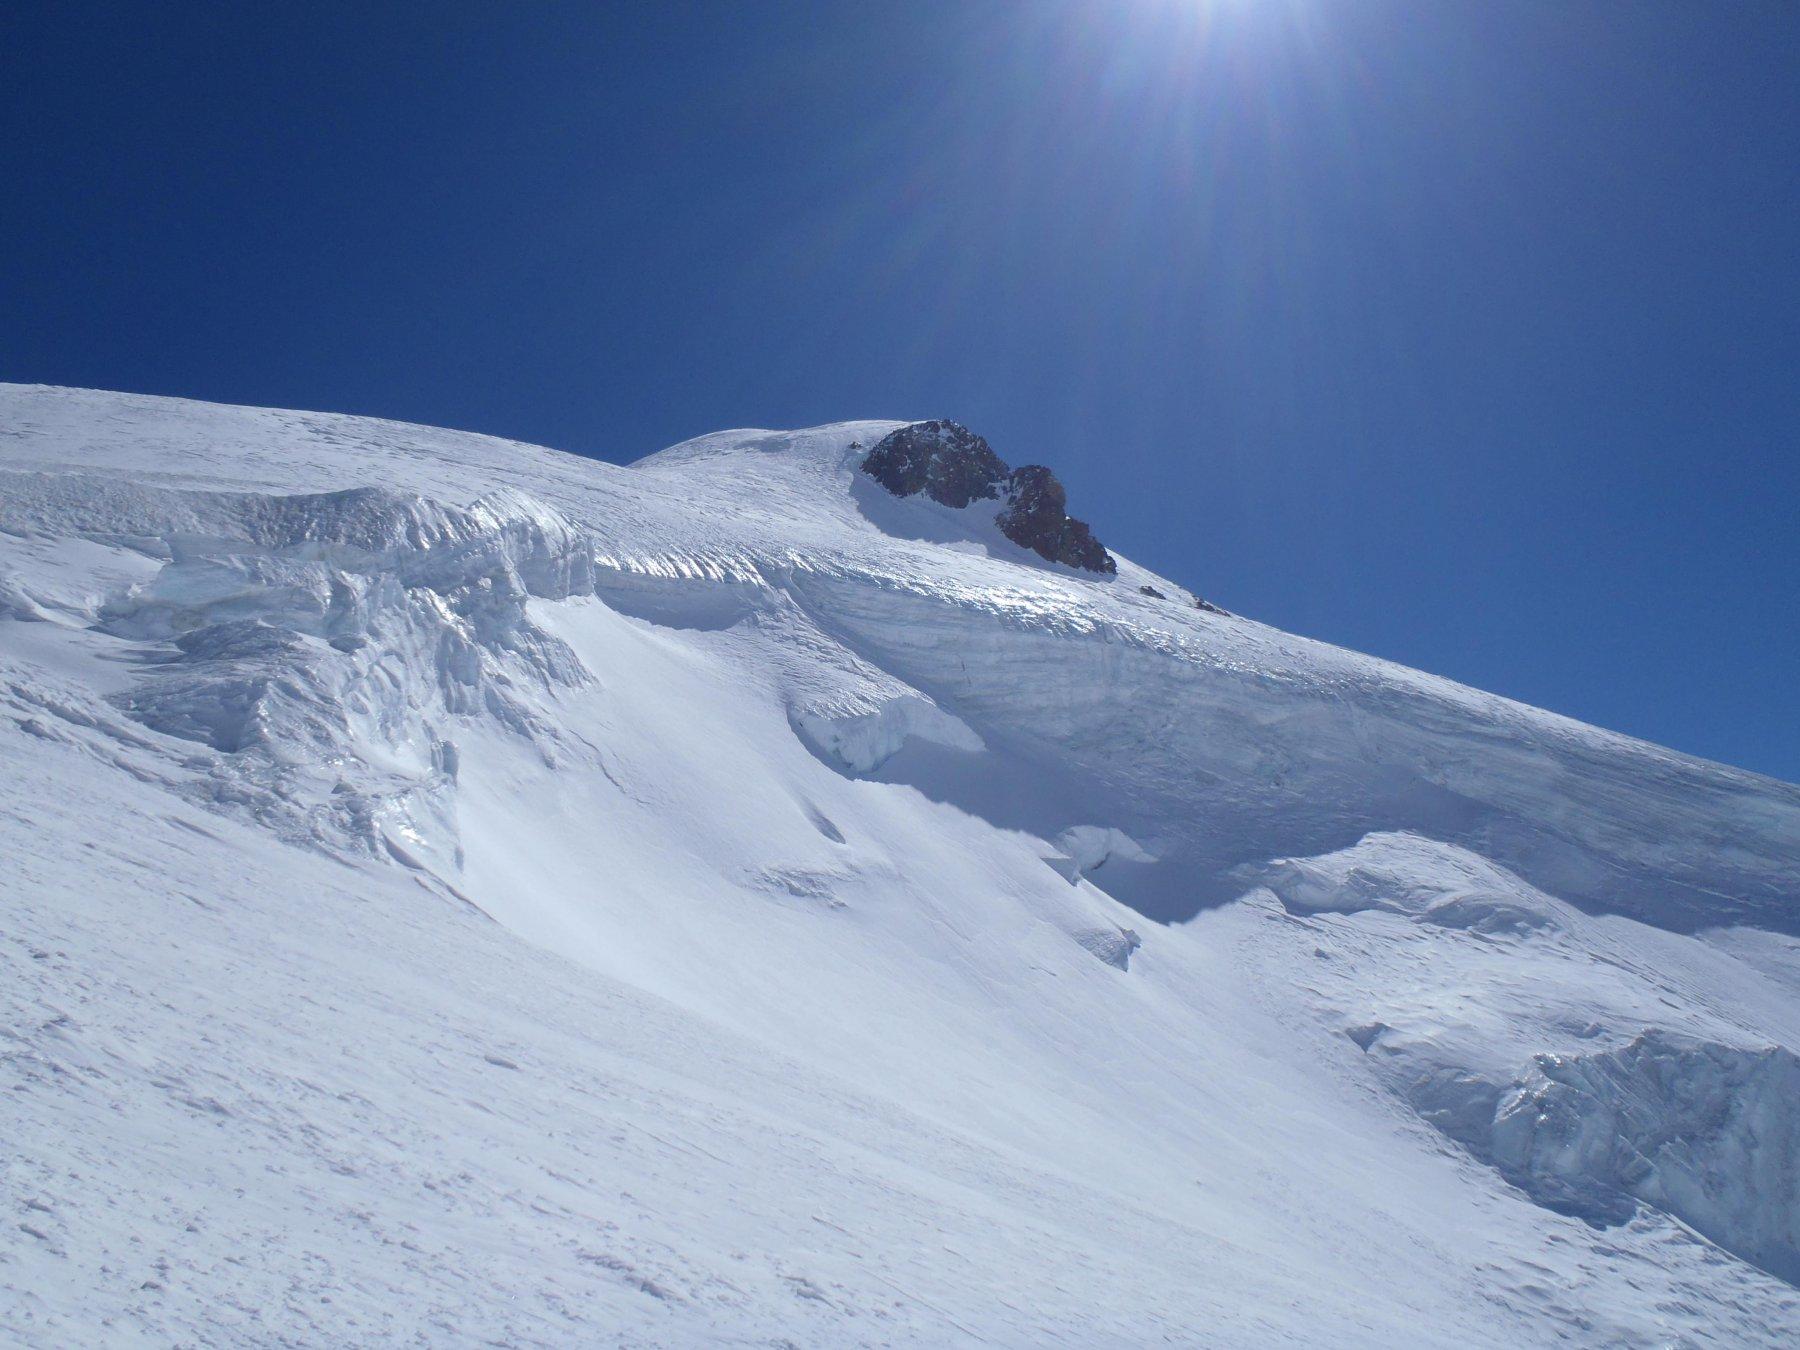 La vetta e i seracchi del versante sul ghiacciaio